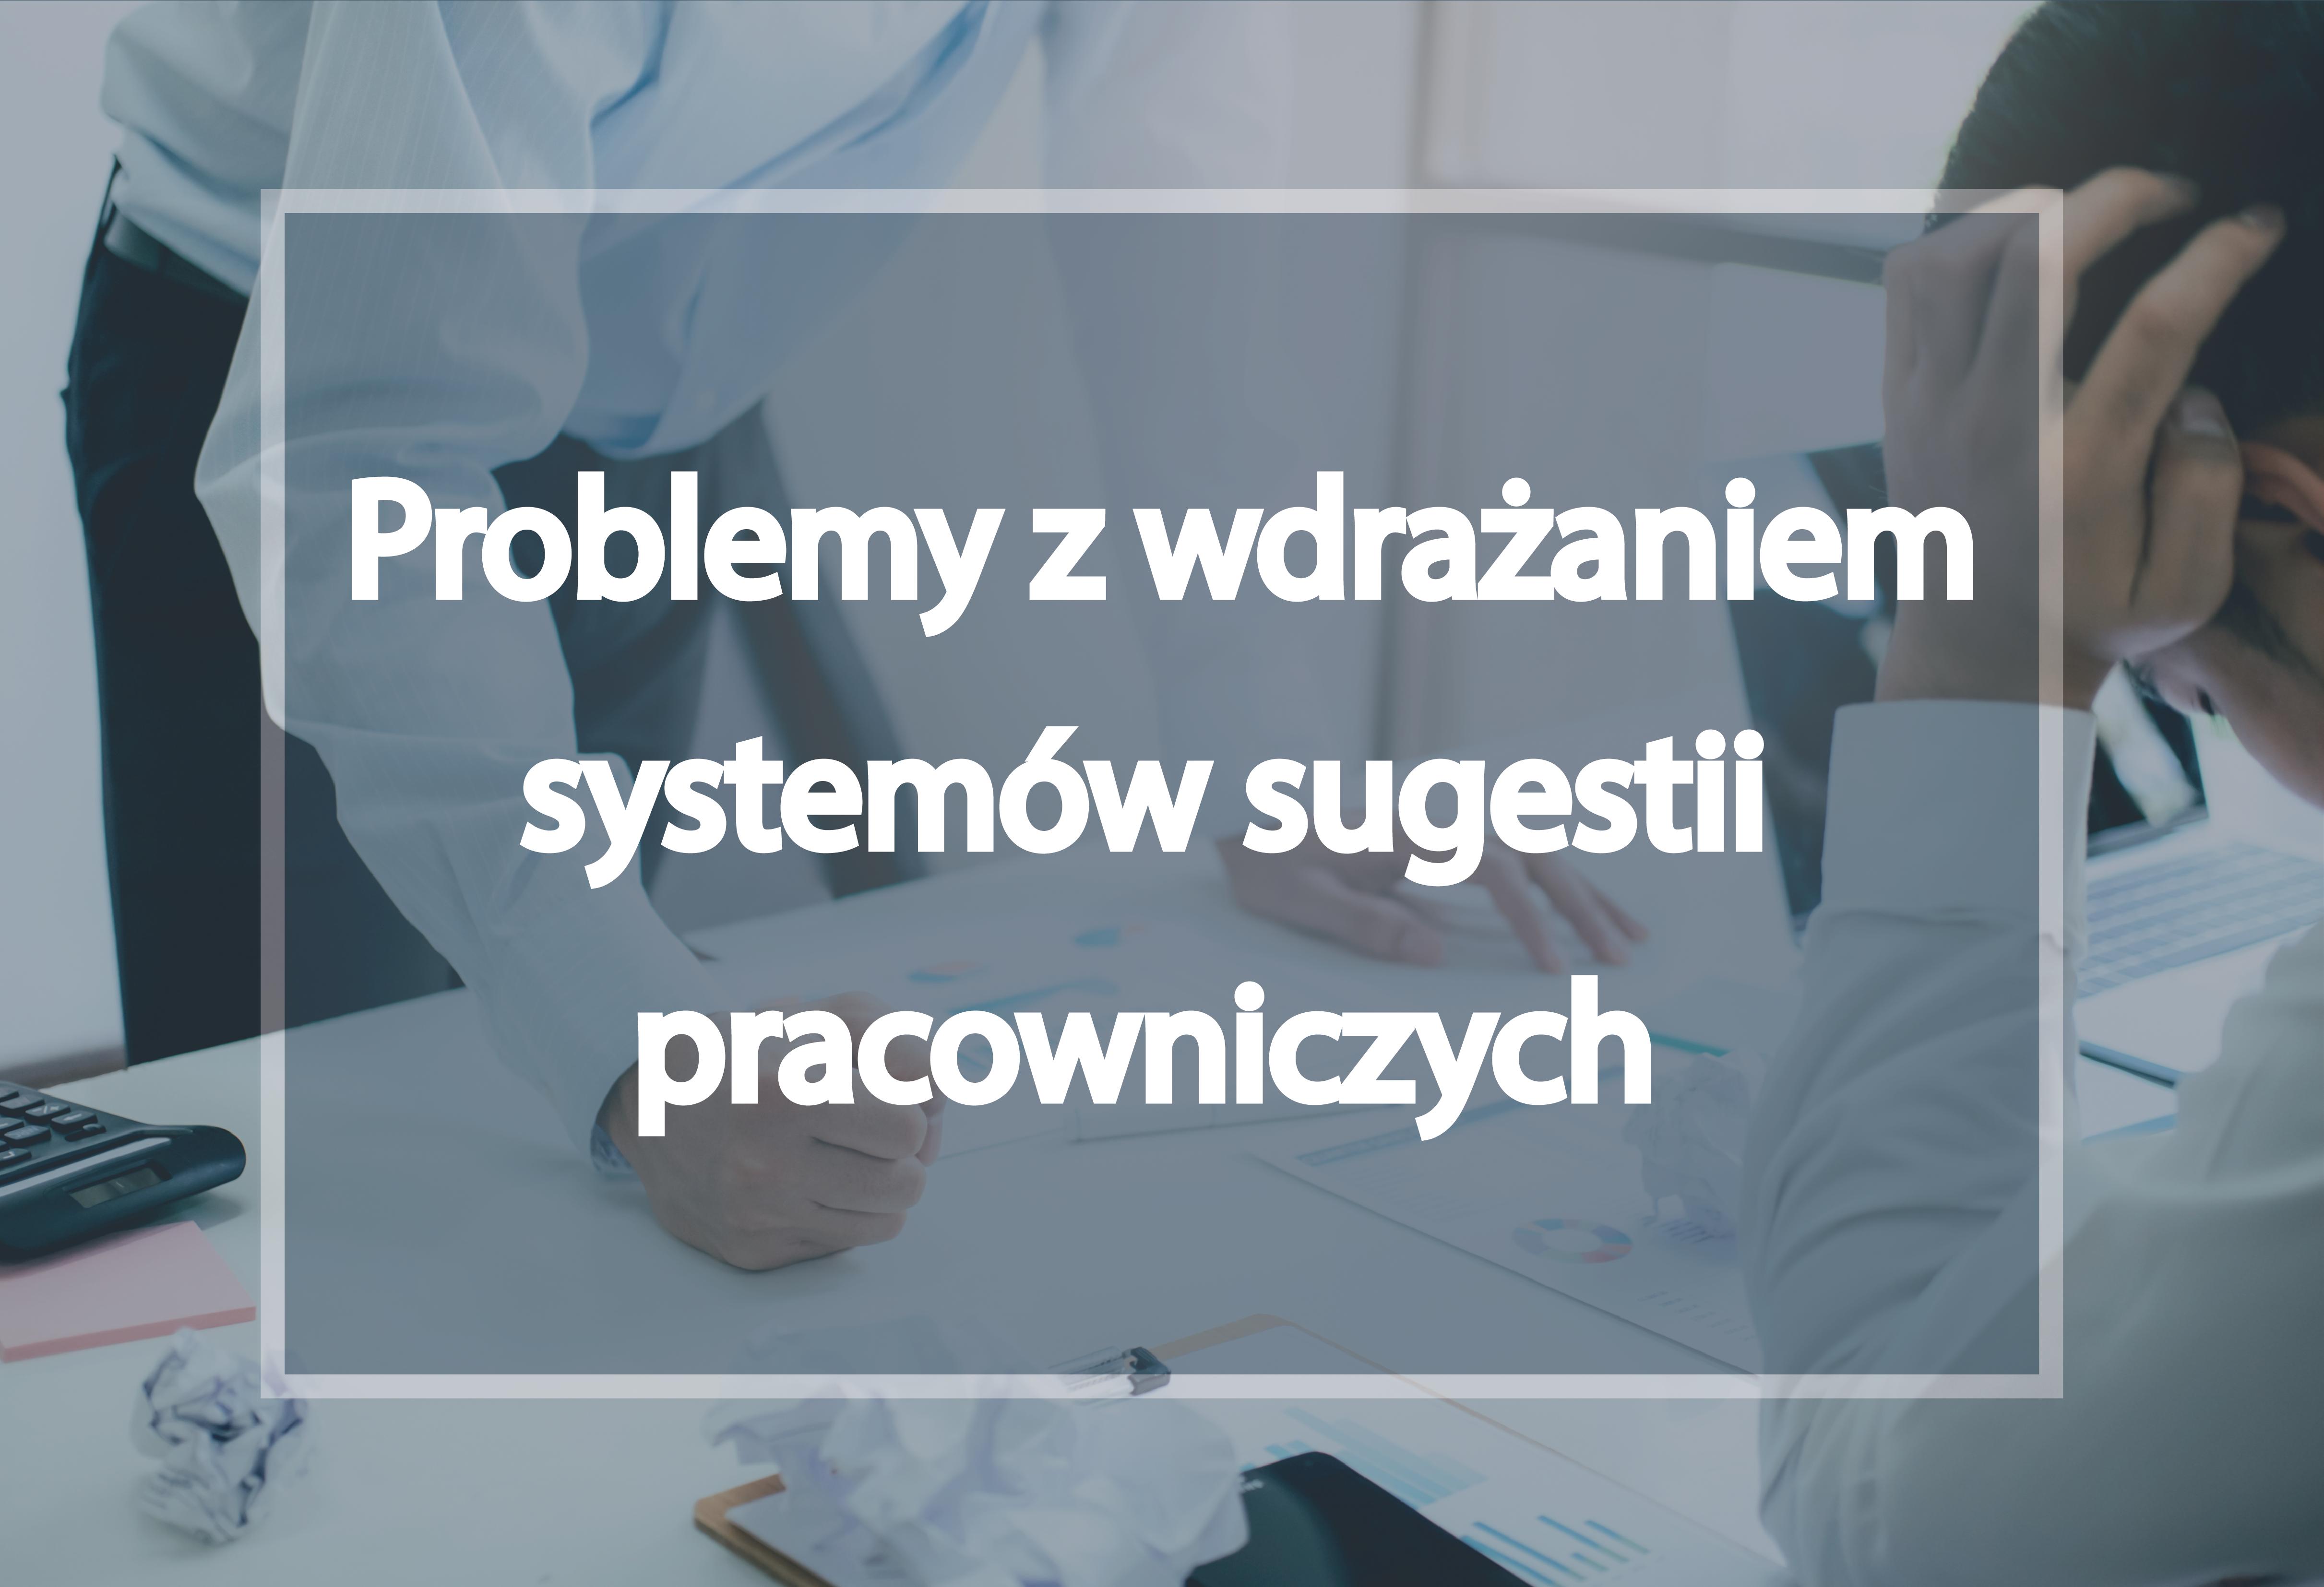 Problemy z wdrazaniem systemów sugestii pracowniczych